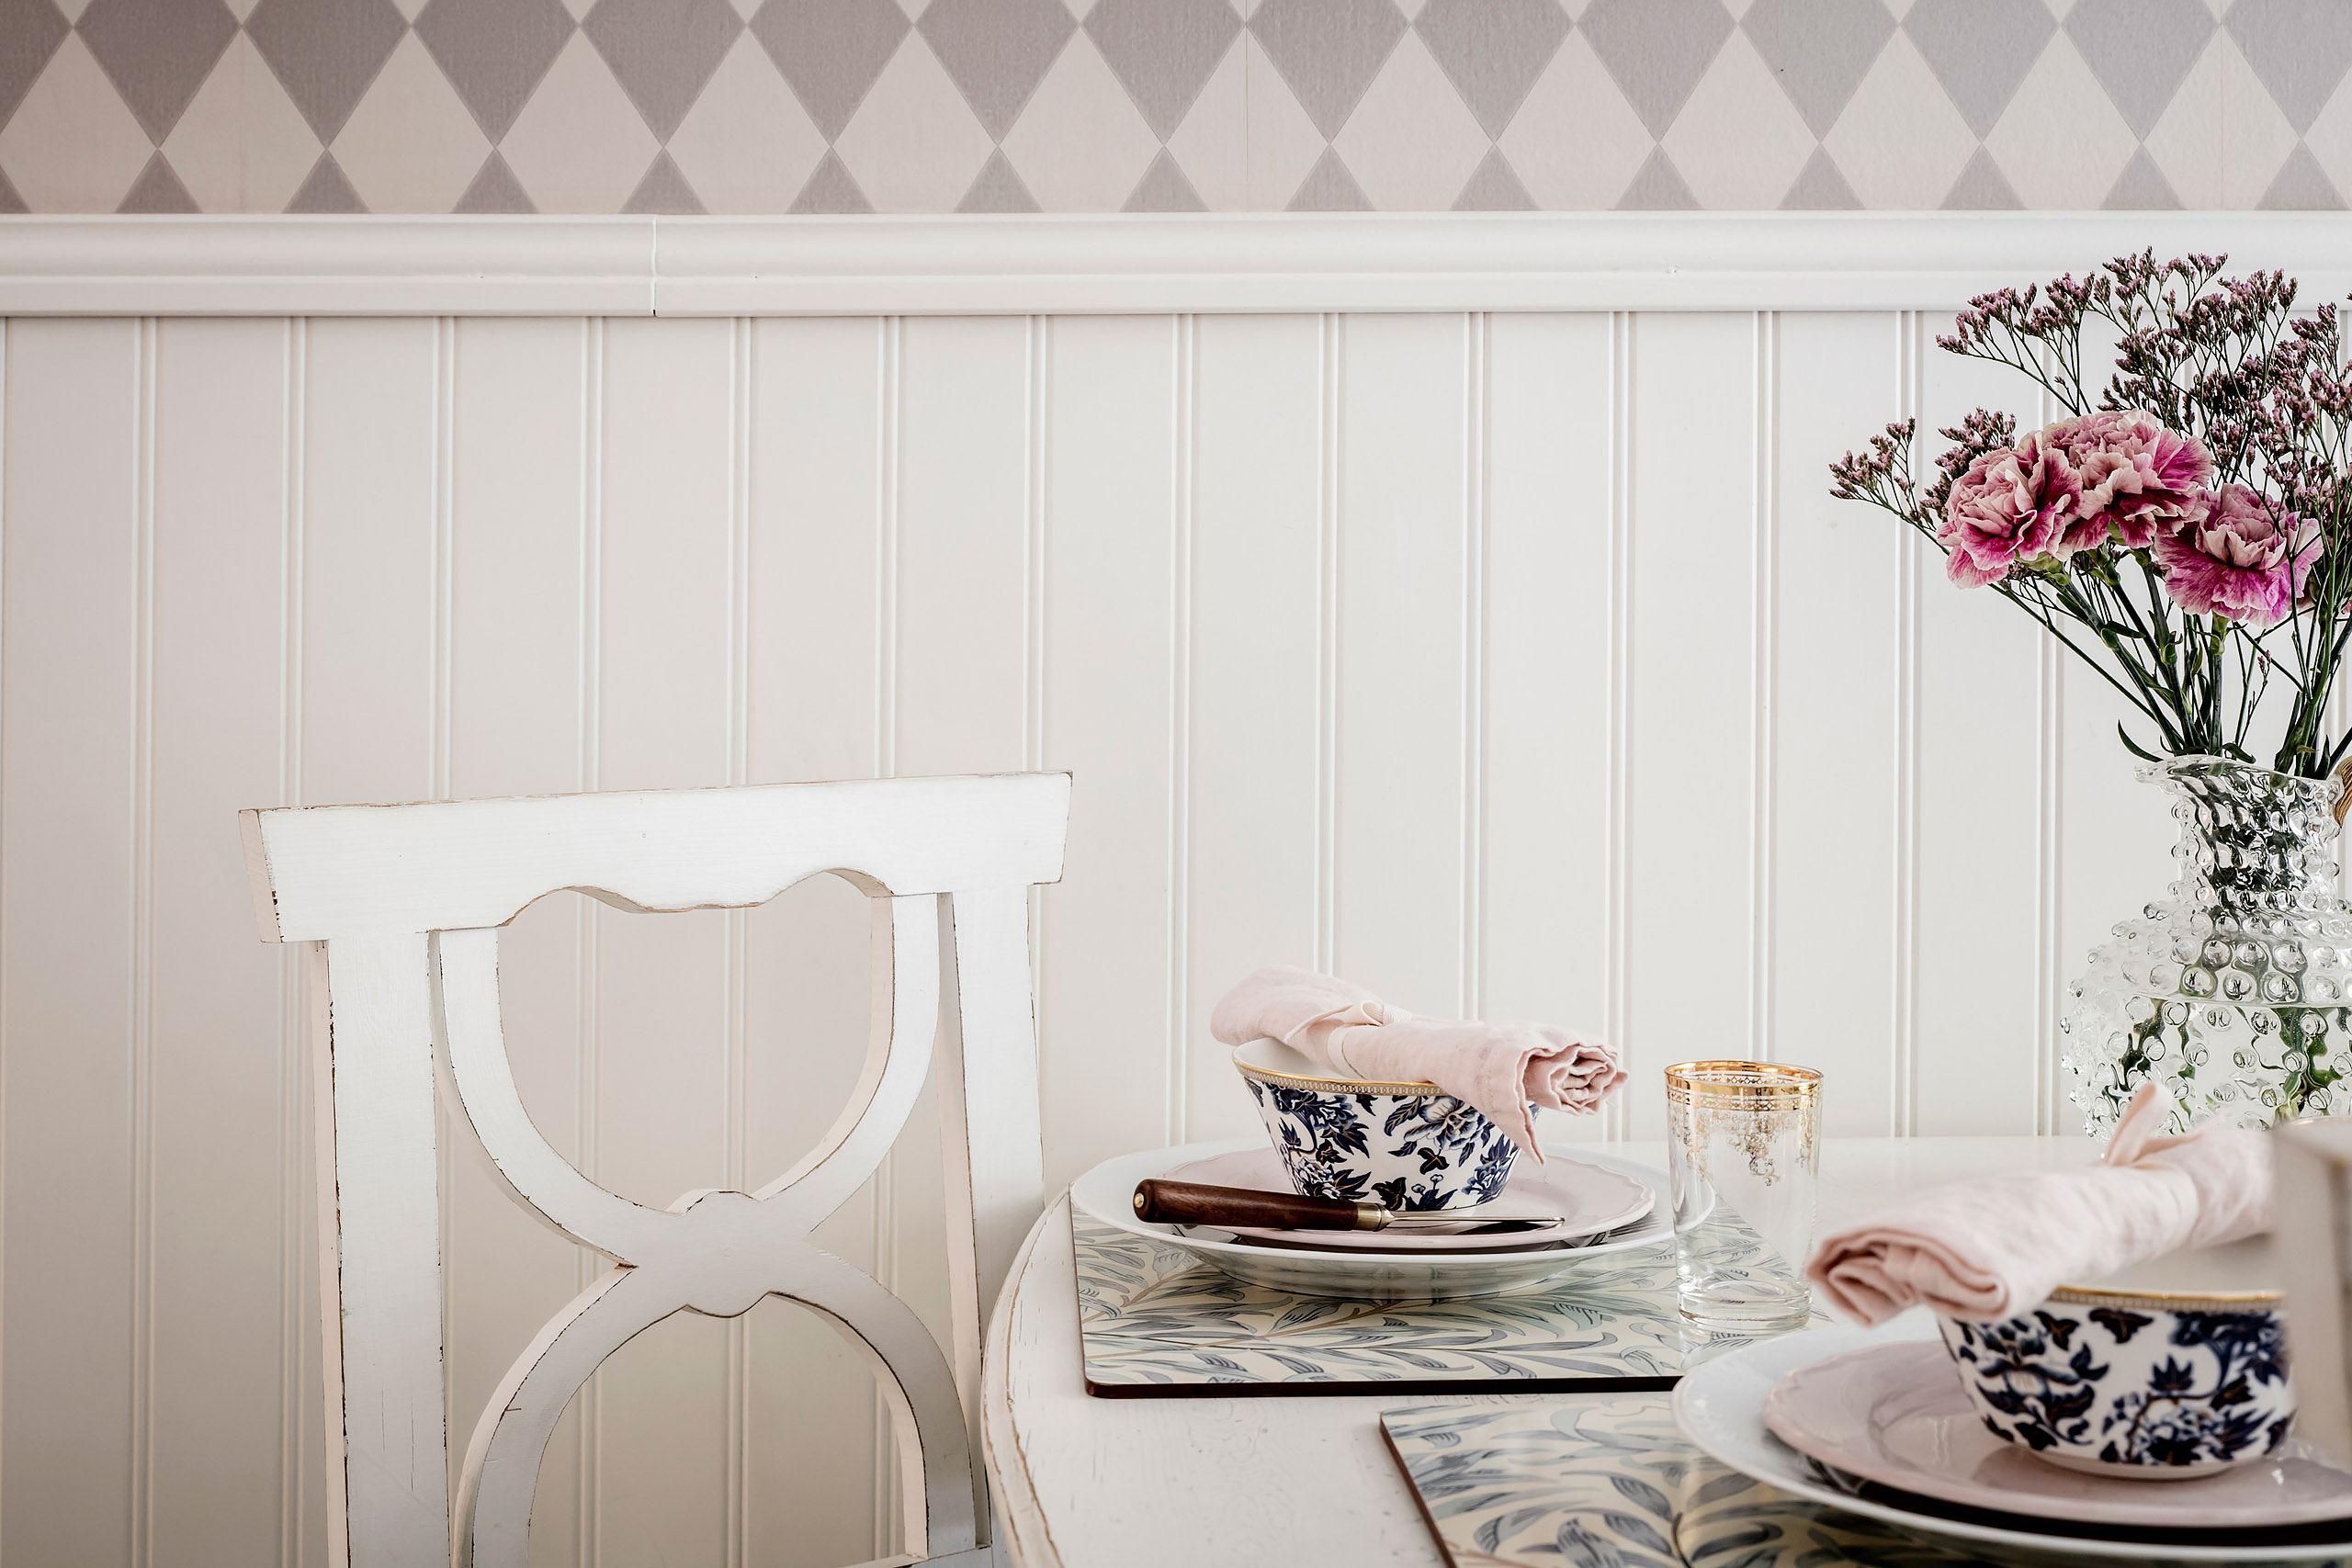 стеновые панели обои стол сервировка